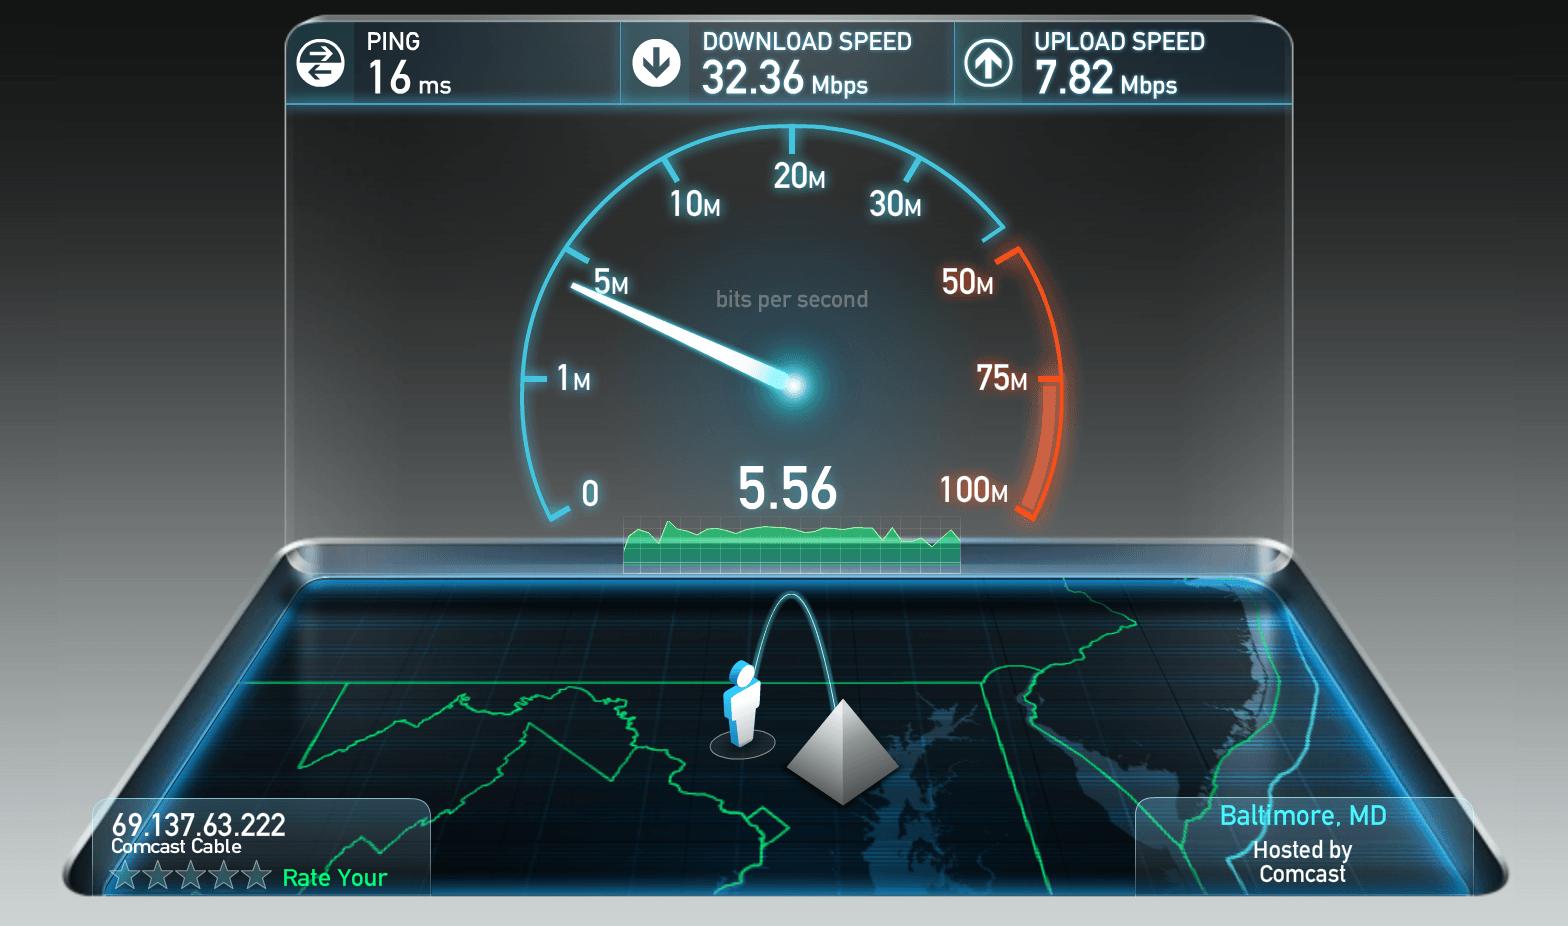 Как проверить скорость интернета: Вам продают реальную скорость Интернета или красивую упаковку?